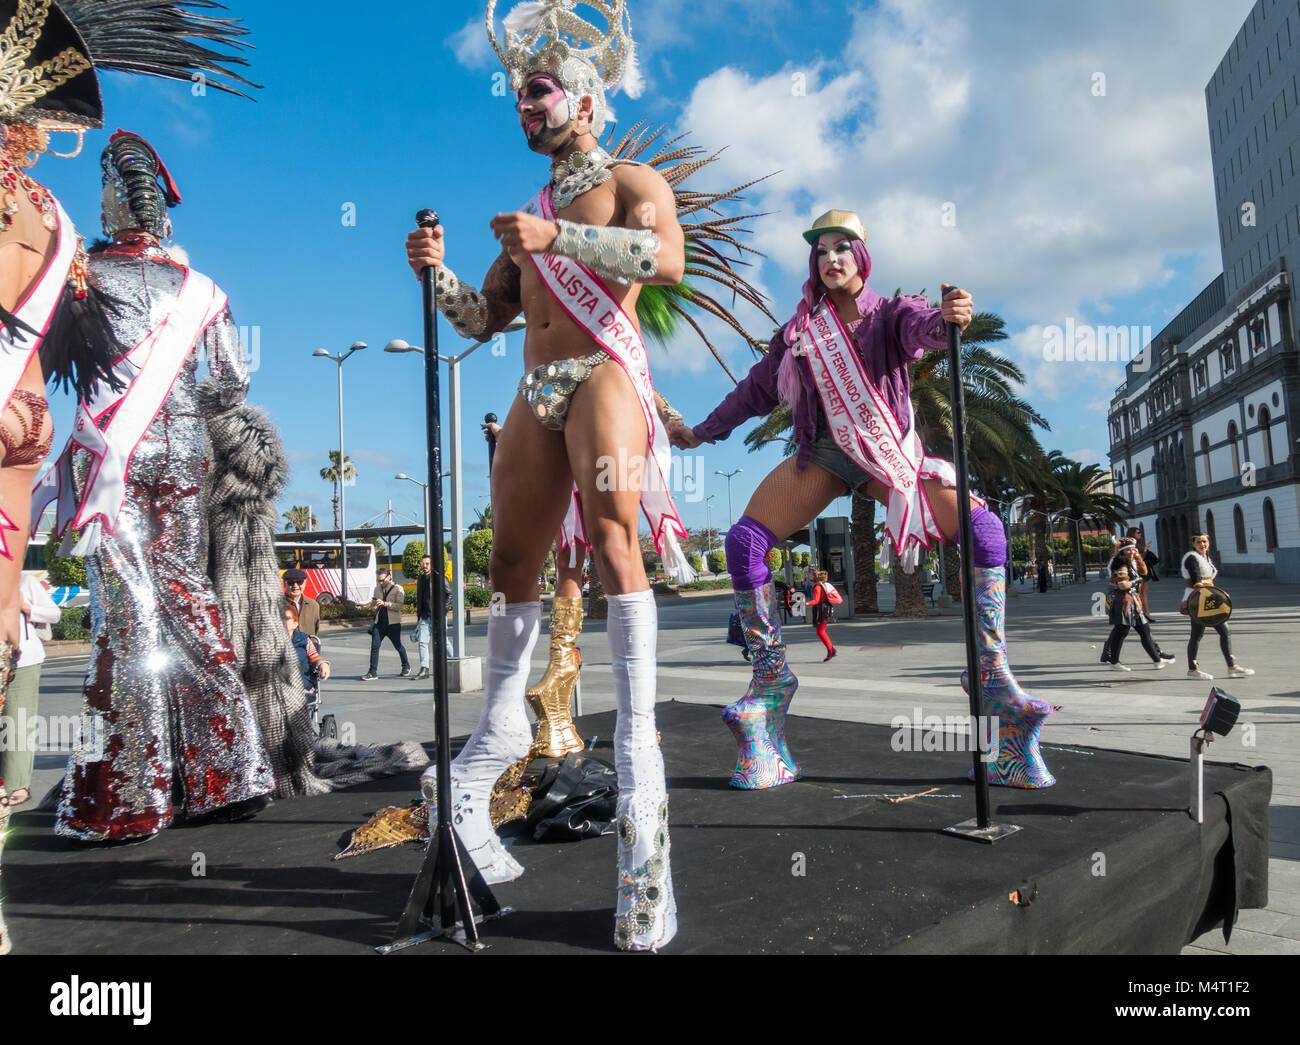 72b98622de6 Drag Queen Carnival On Gran Stock Photos   Drag Queen Carnival On ...